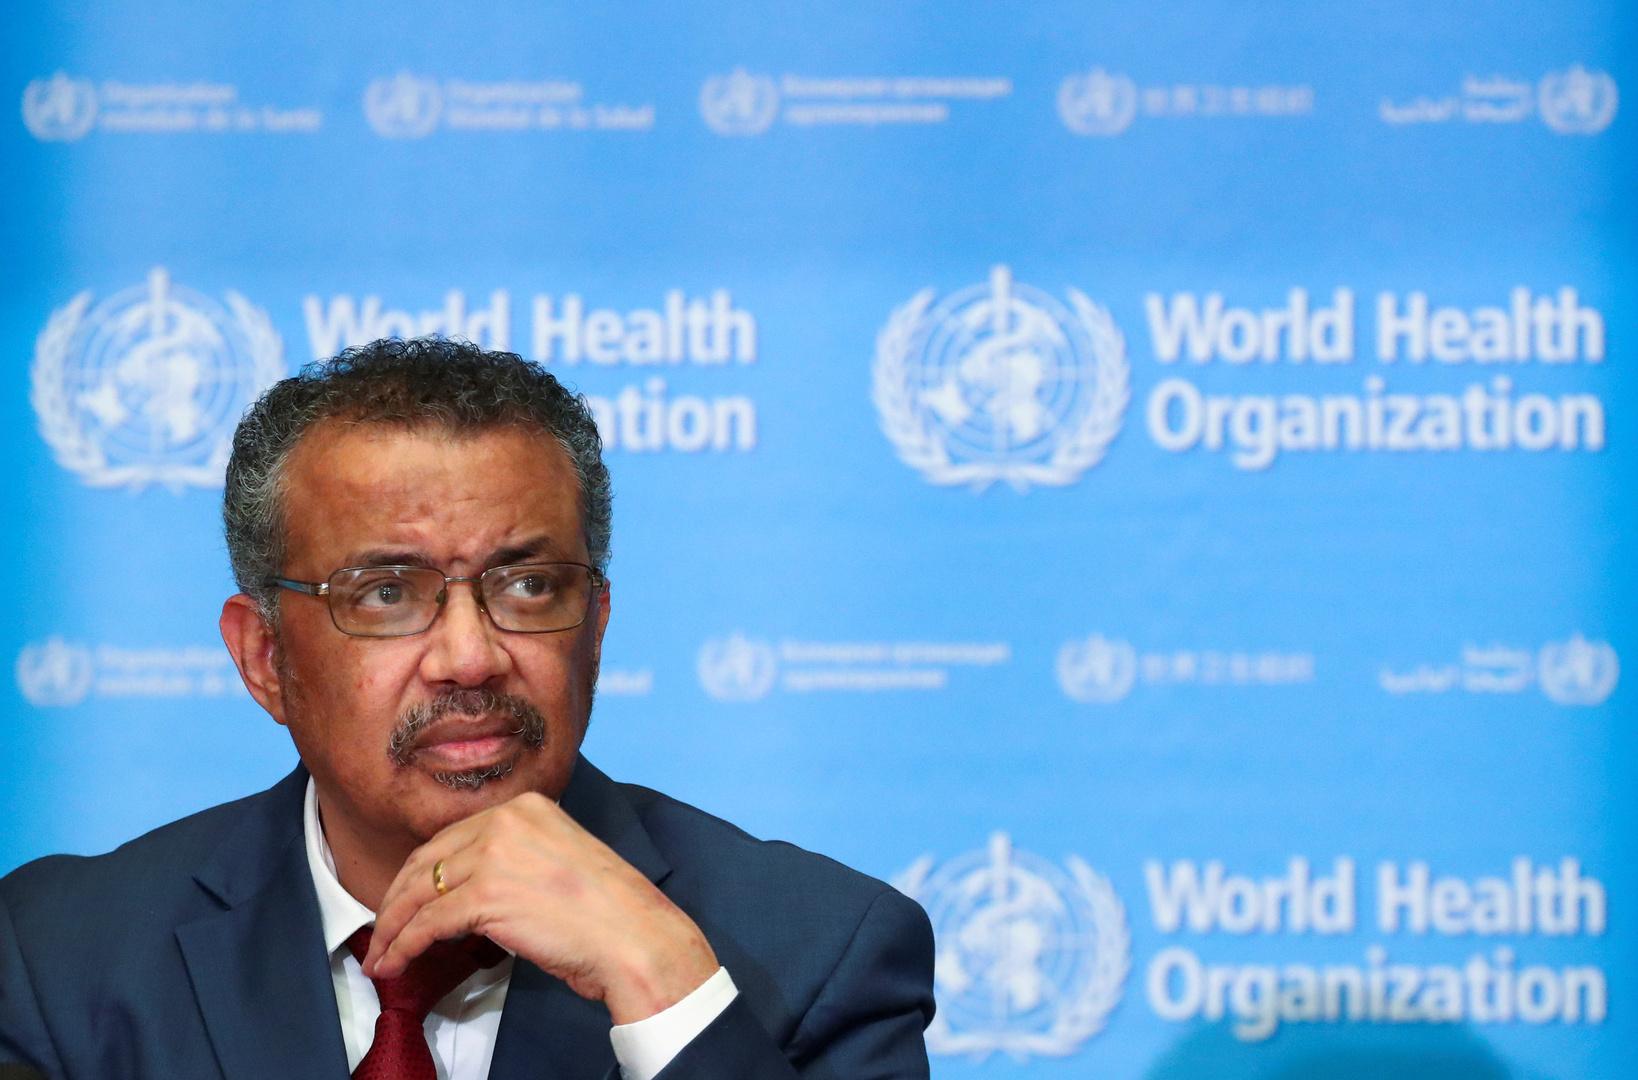 الصحة العالمية: نأمل أن تكون الألعاب الأولمبية في طوكيو مناسبة للاحتفال بالانتصار على وباء كورونا